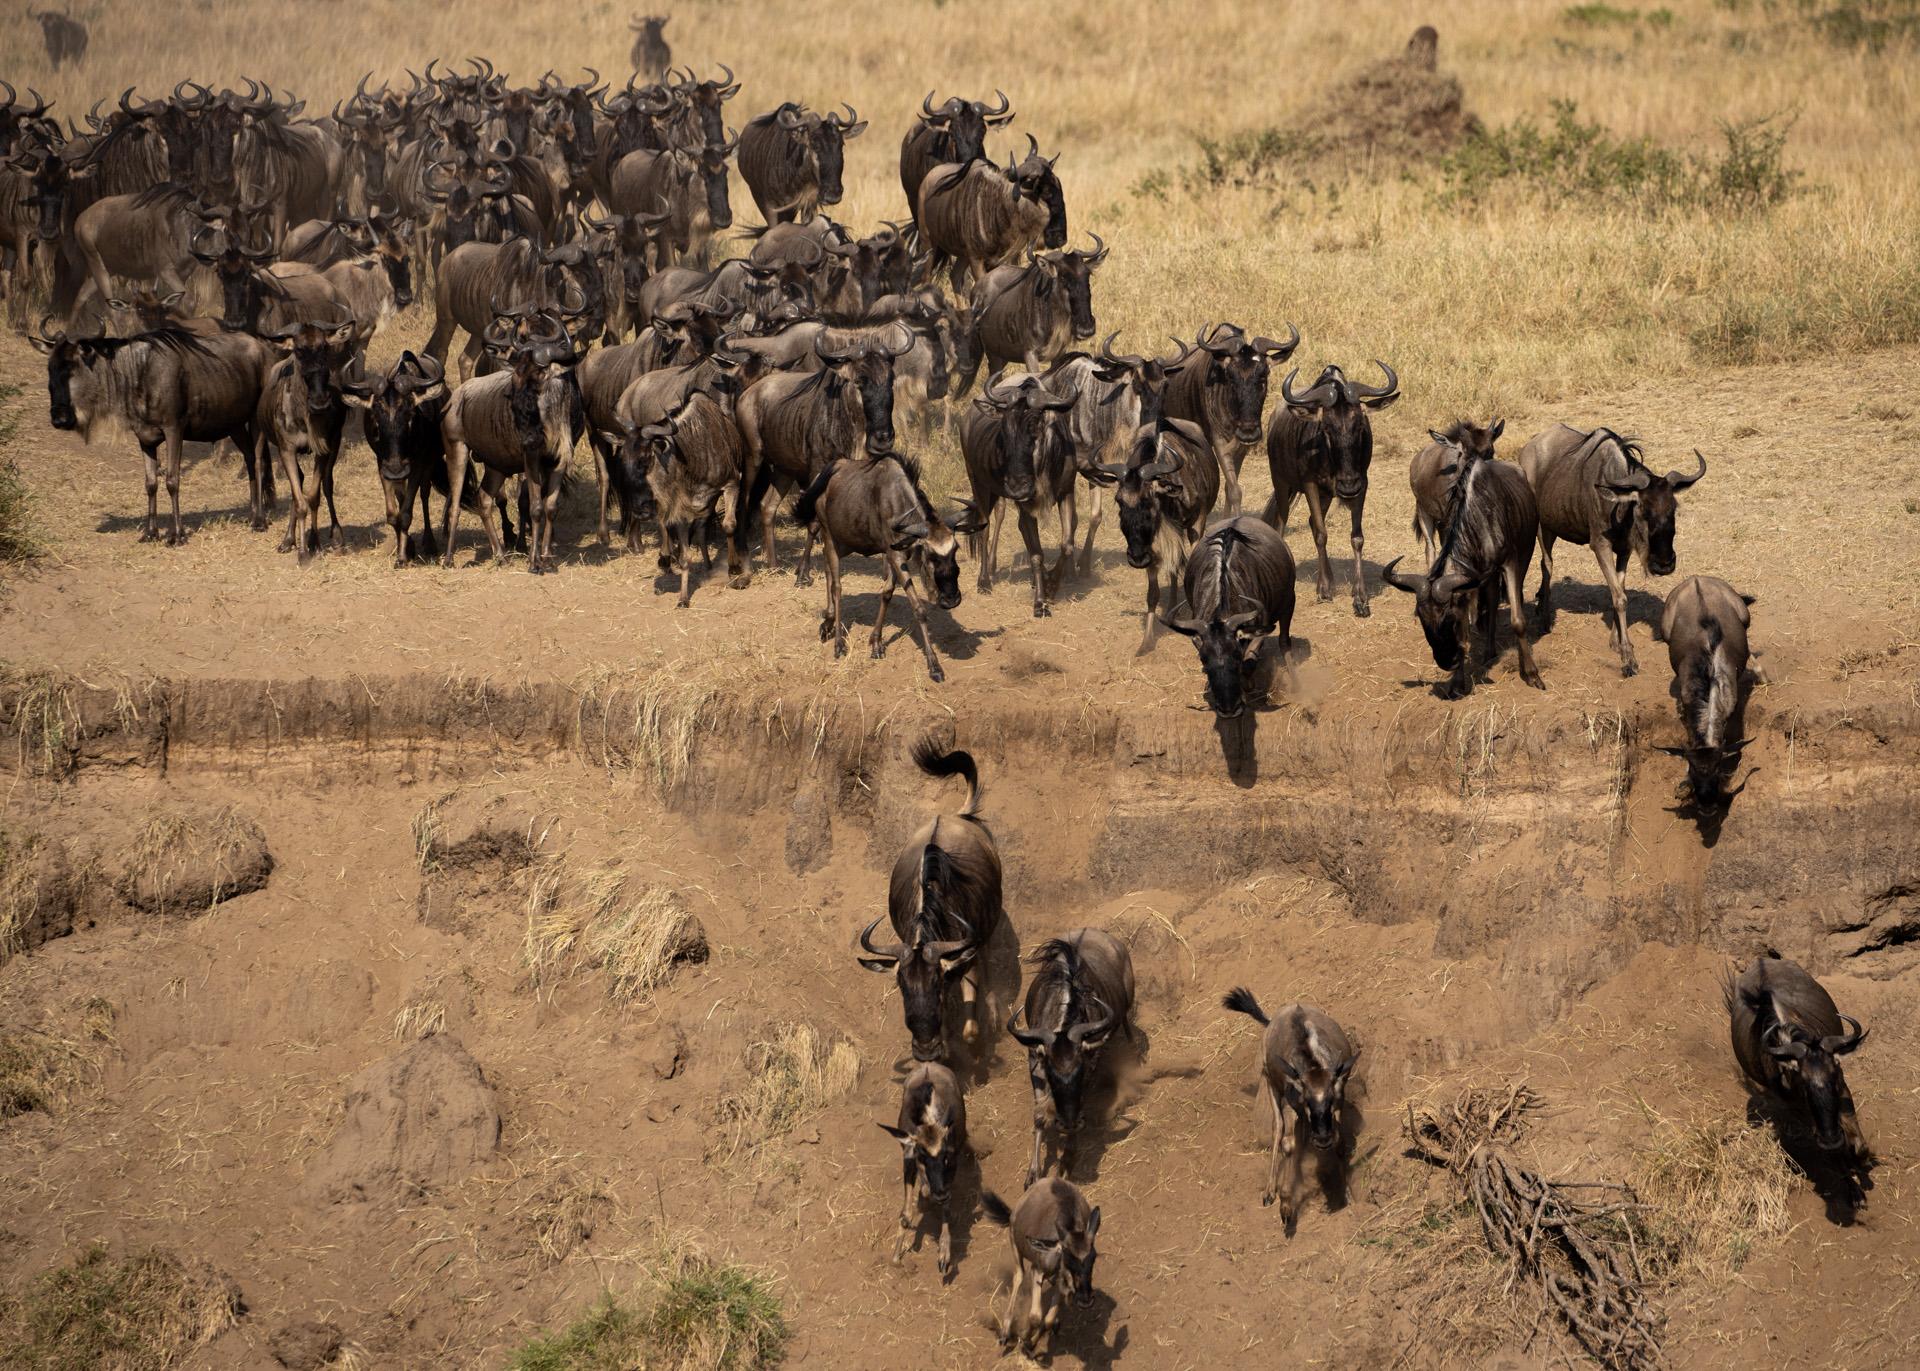 Wildebeest coming down bank